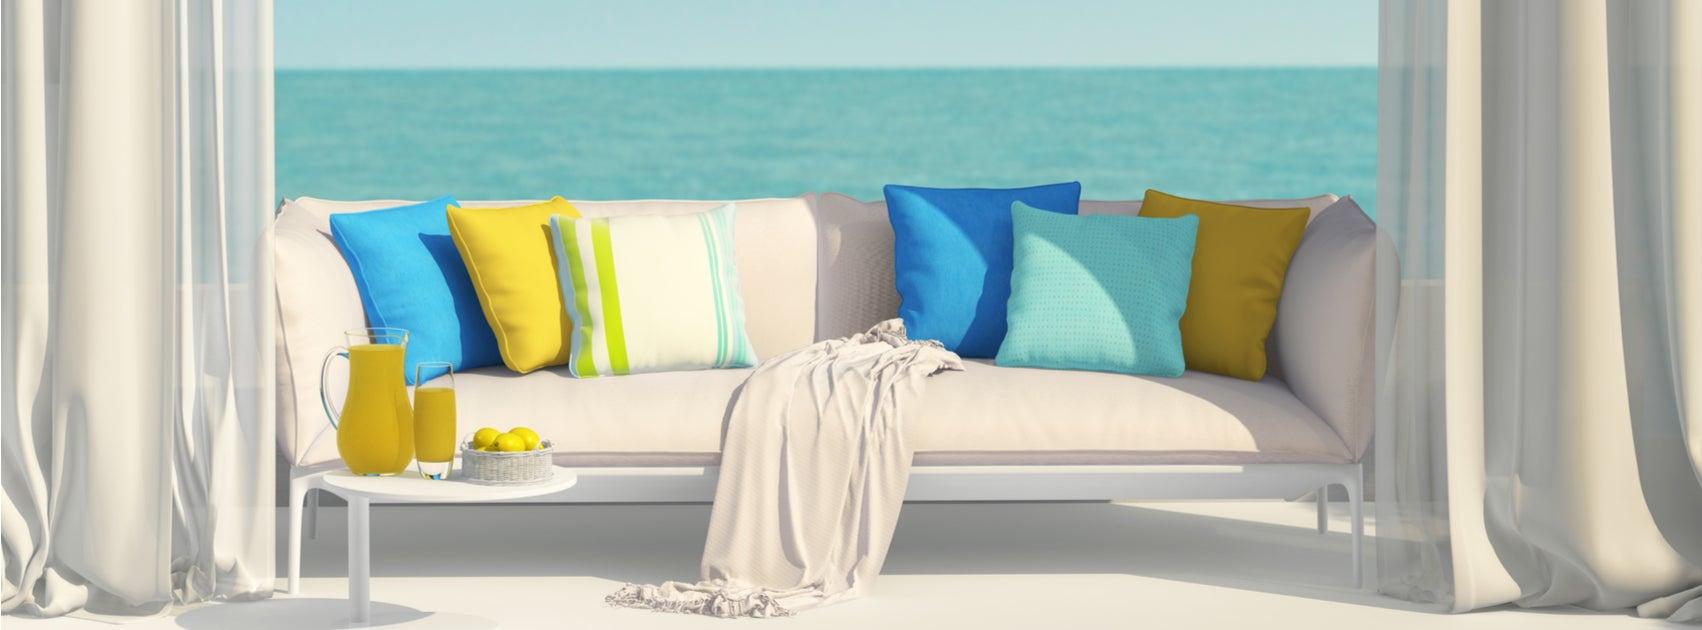 Como decorar a sua casa de verão